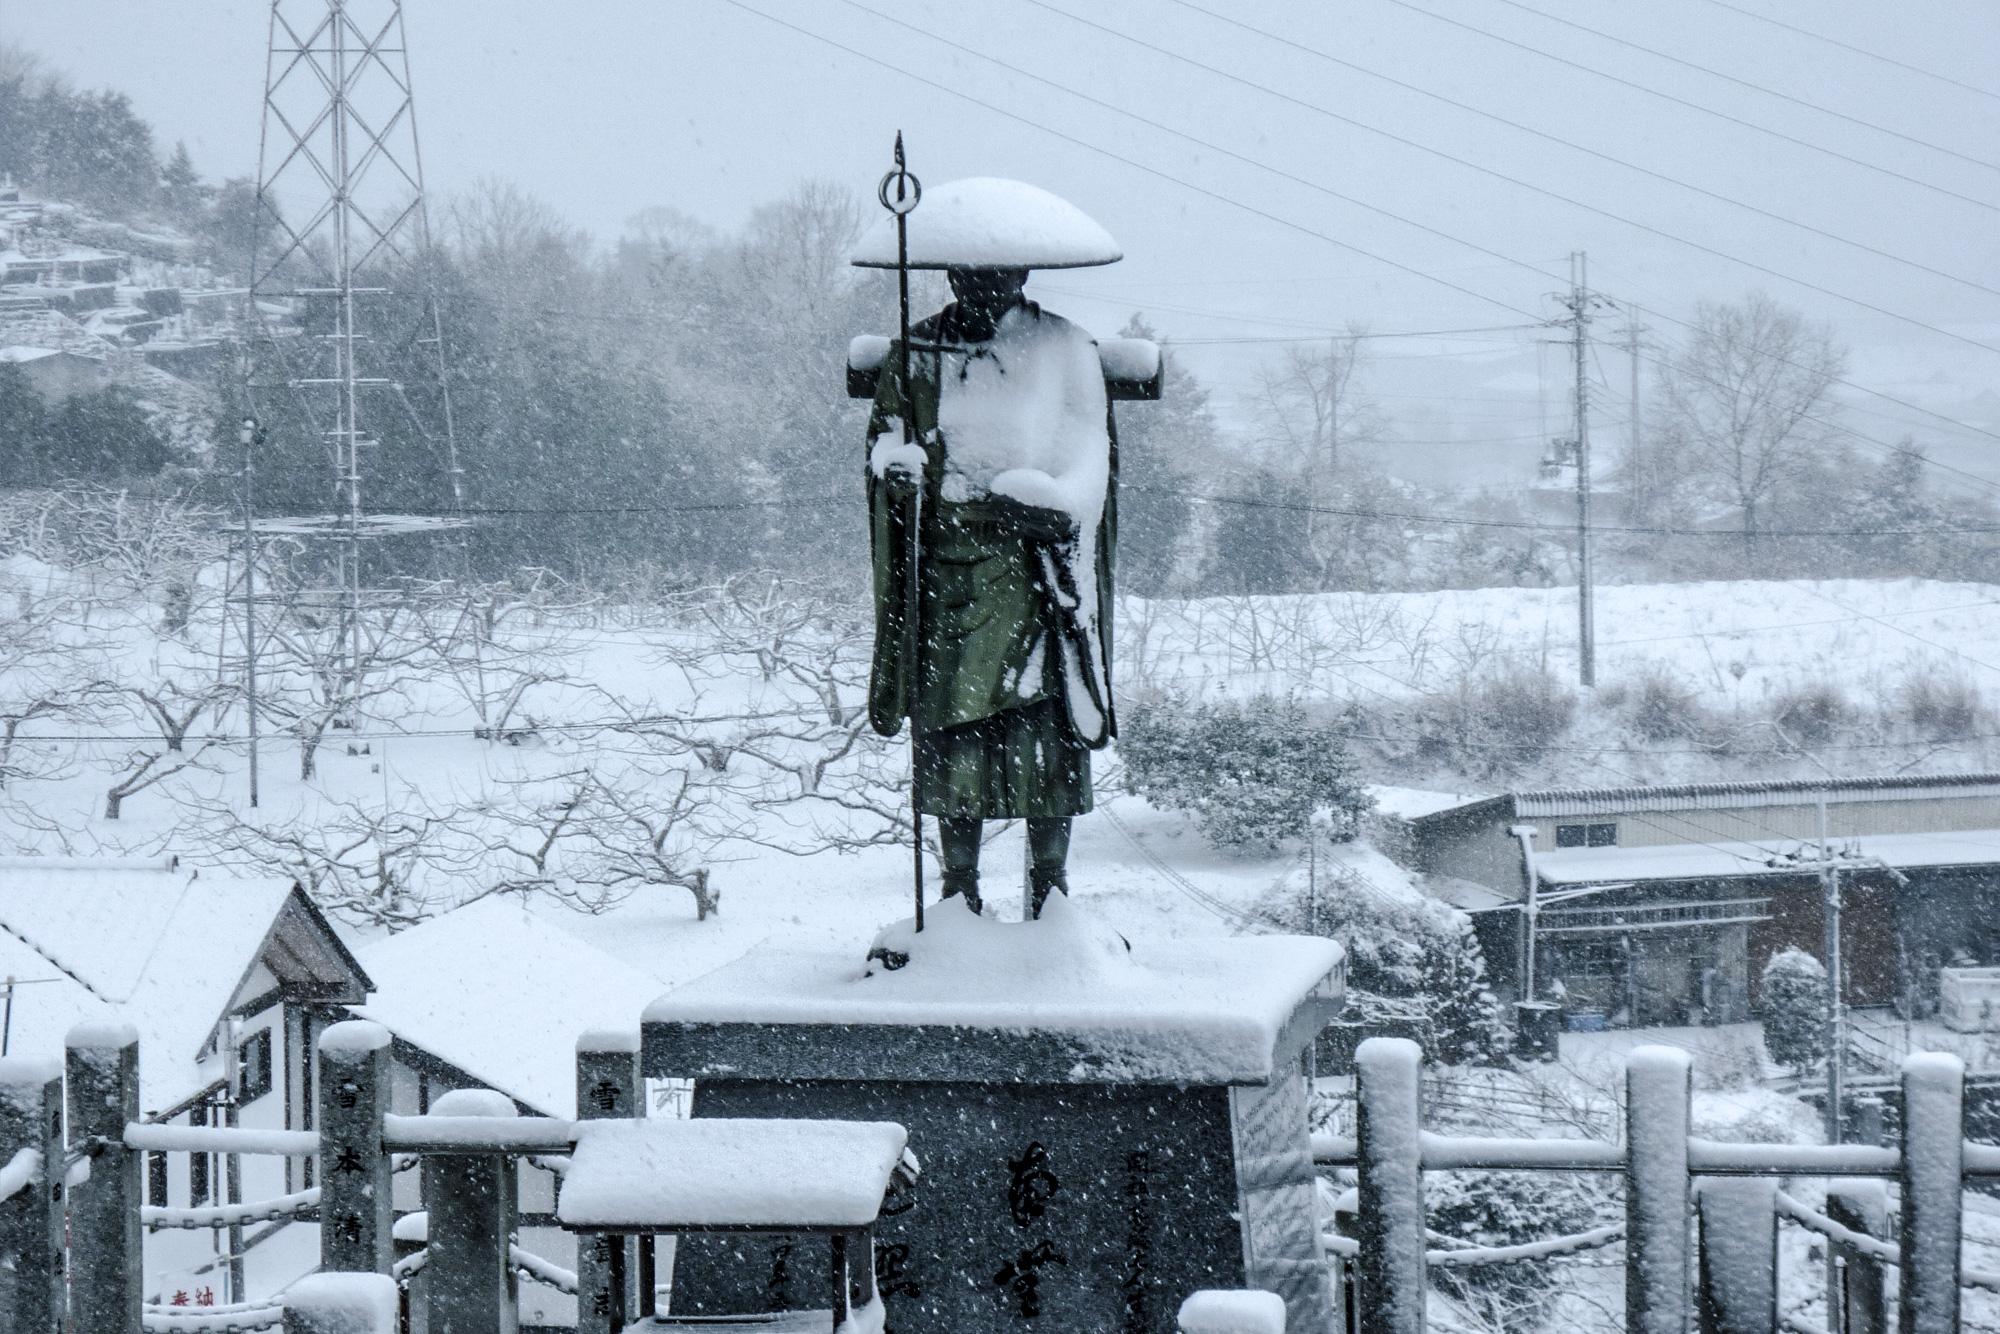 境内から見た積雪の風景